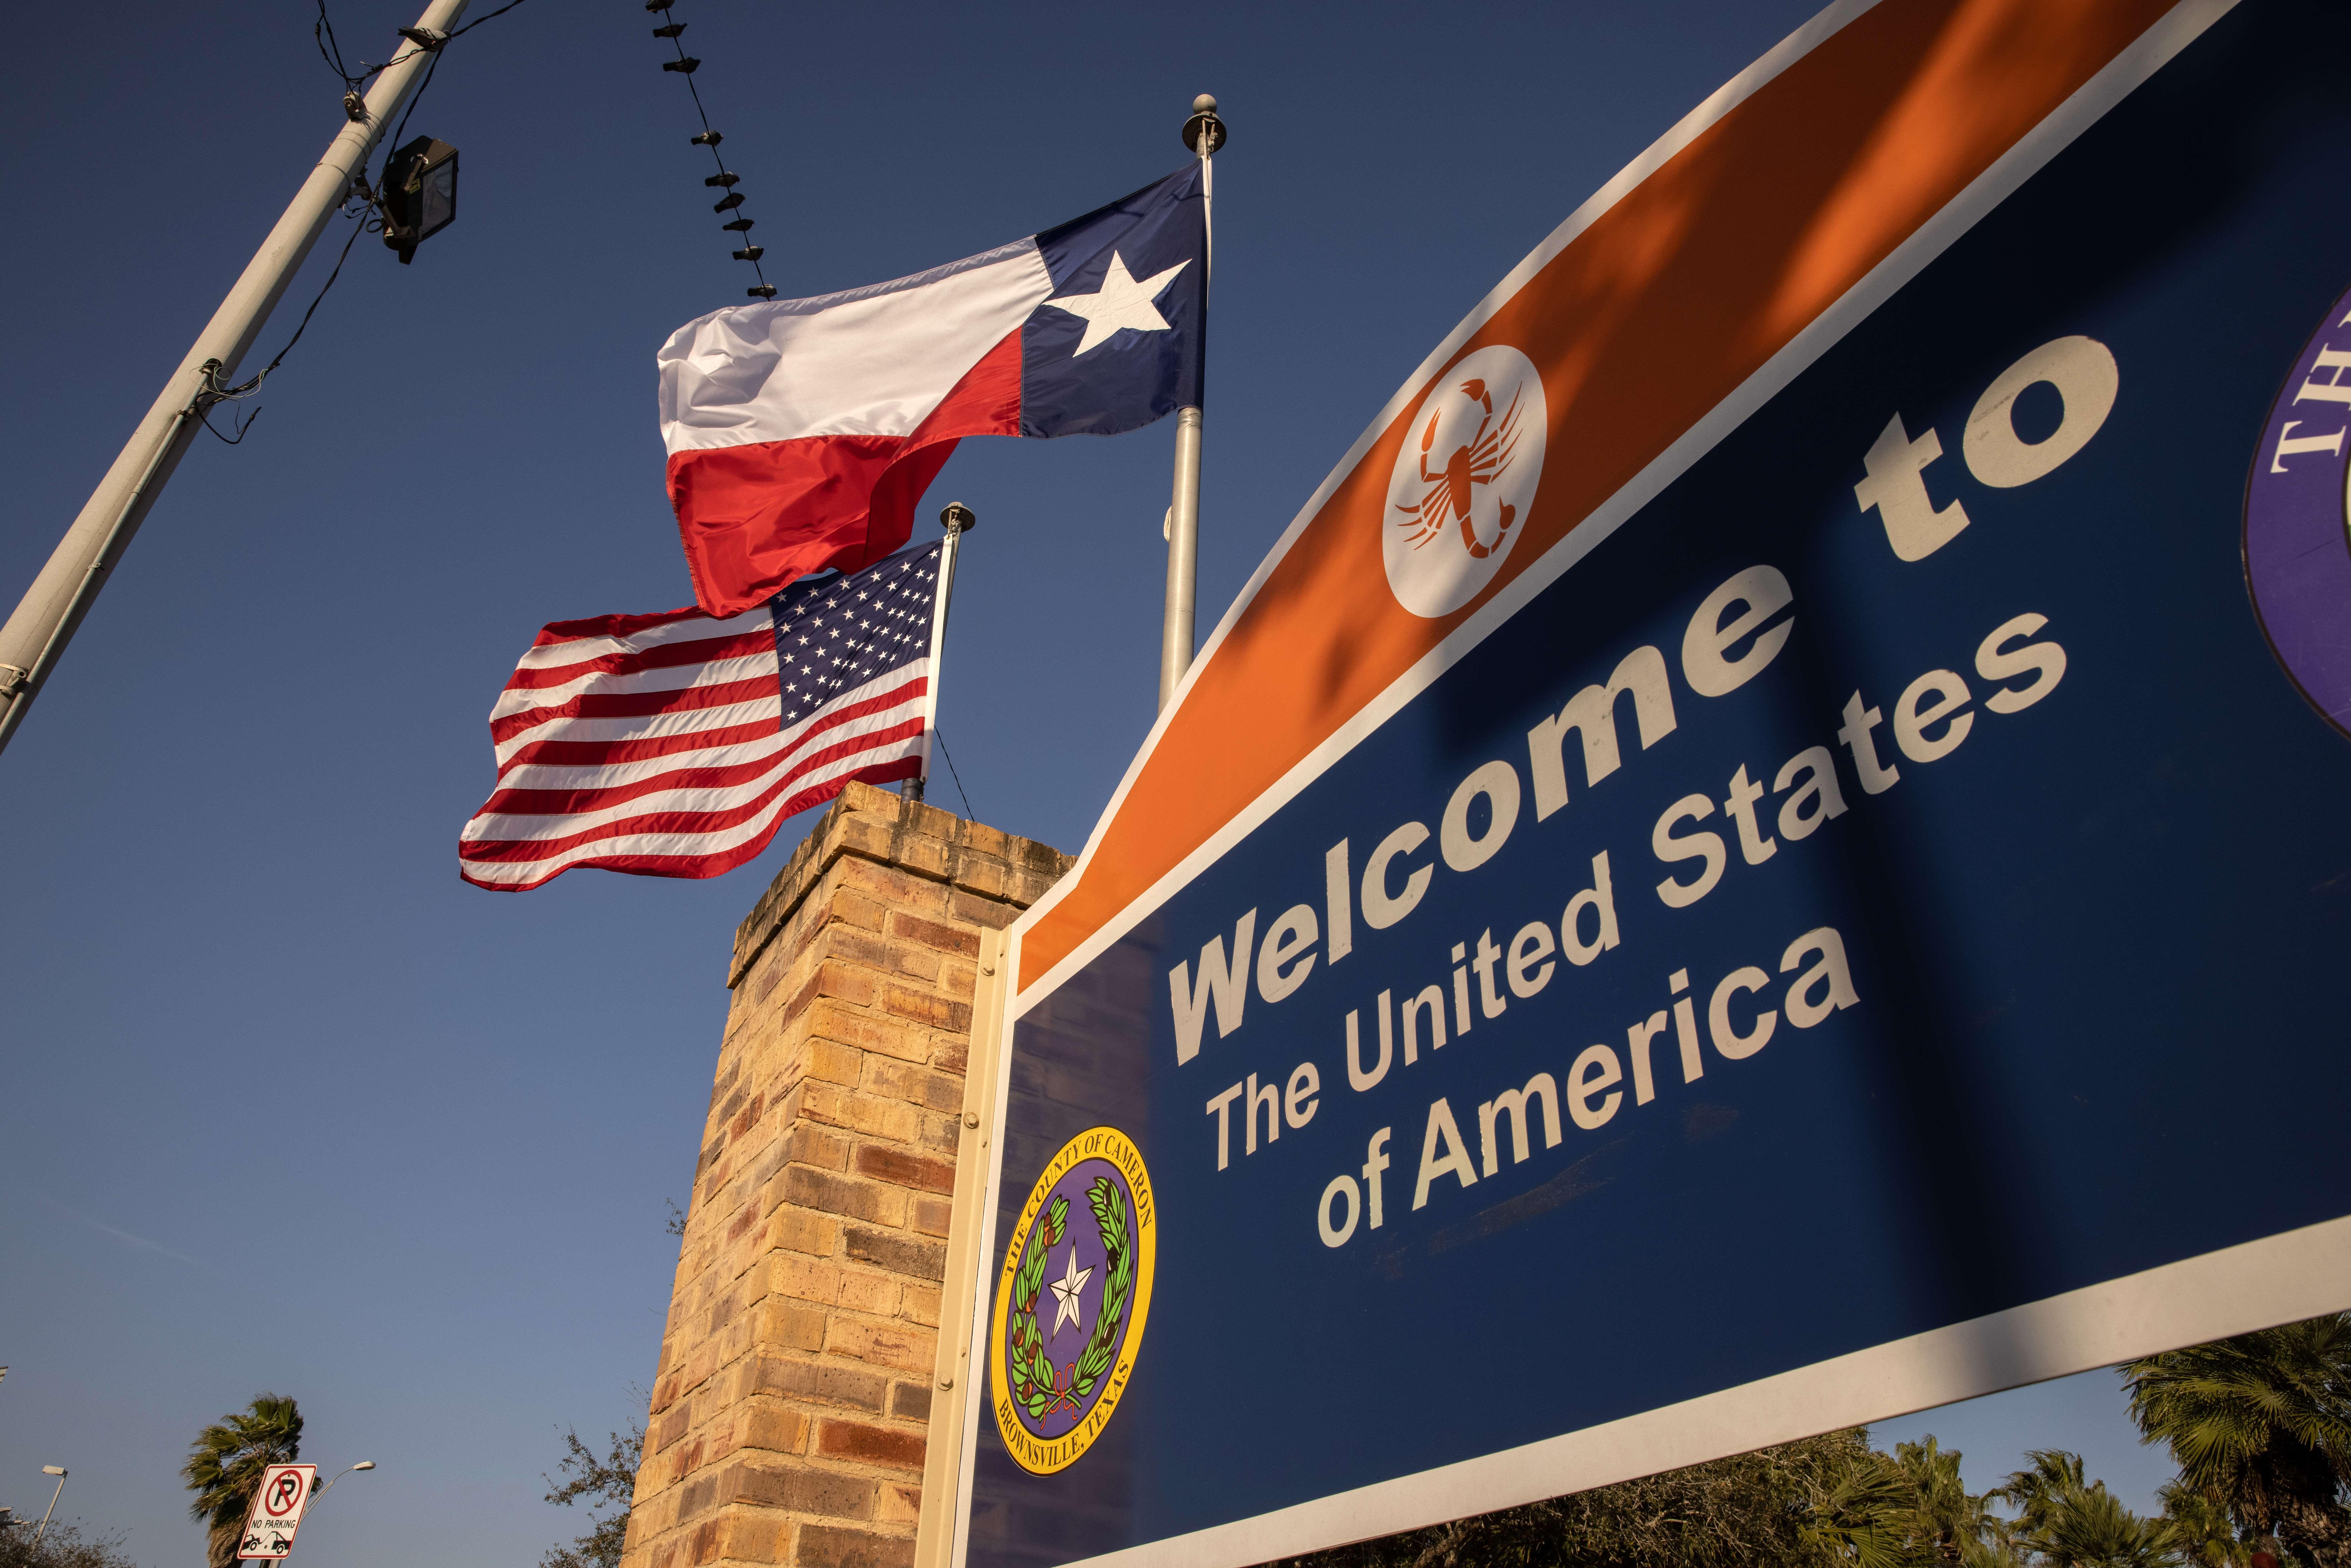 Banderas en la frontera con México, en Brownsville, Texas.